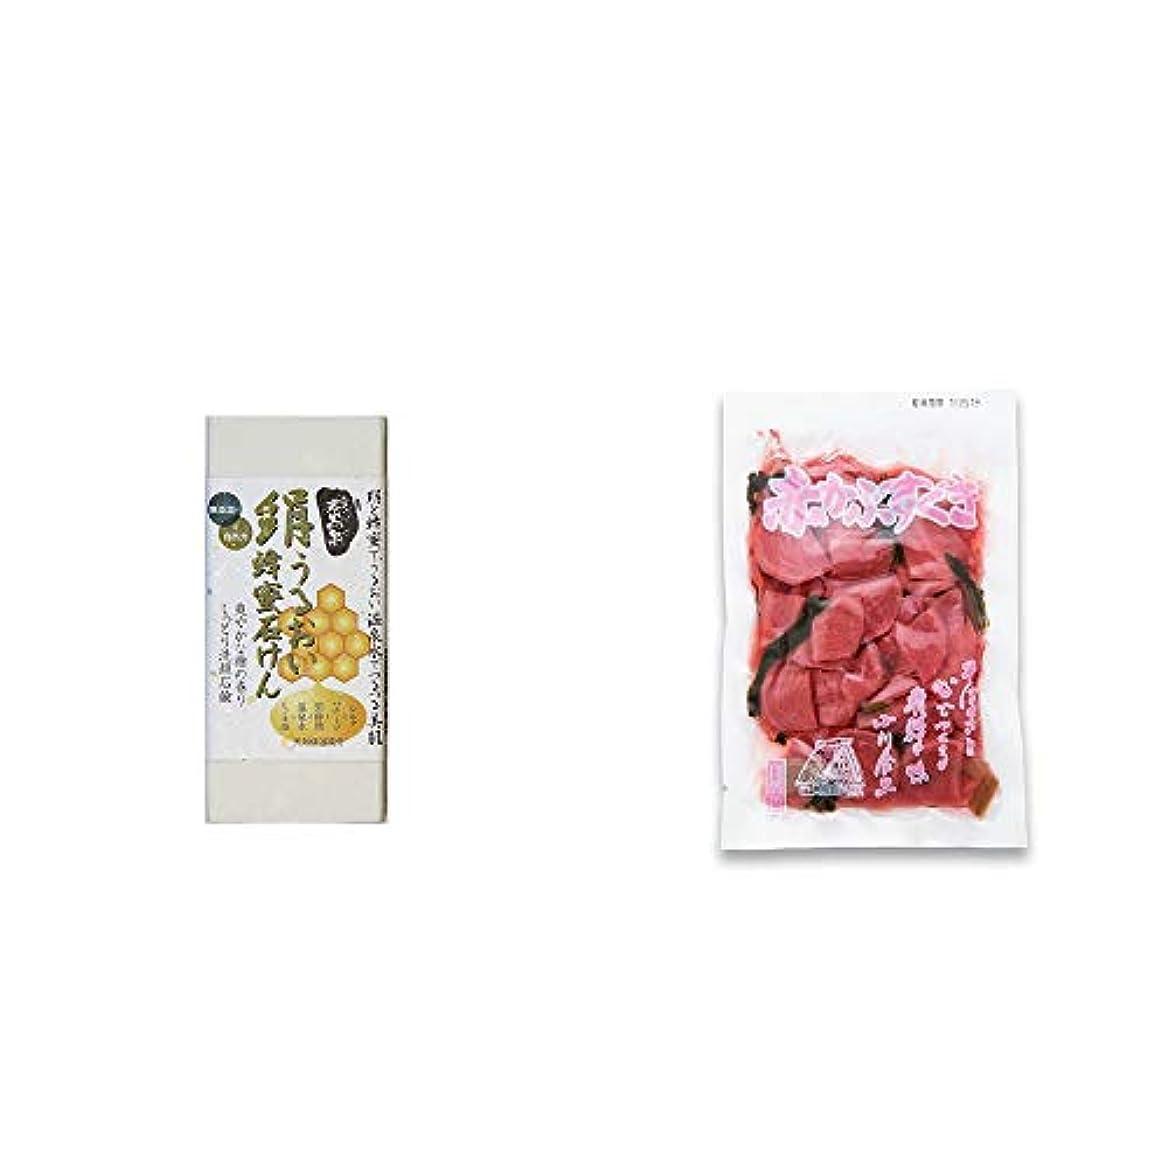 決定するオリエンタルくしゃみ[2点セット] ひのき炭黒泉 絹うるおい蜂蜜石けん(75g×2)?赤かぶすぐき(160g)